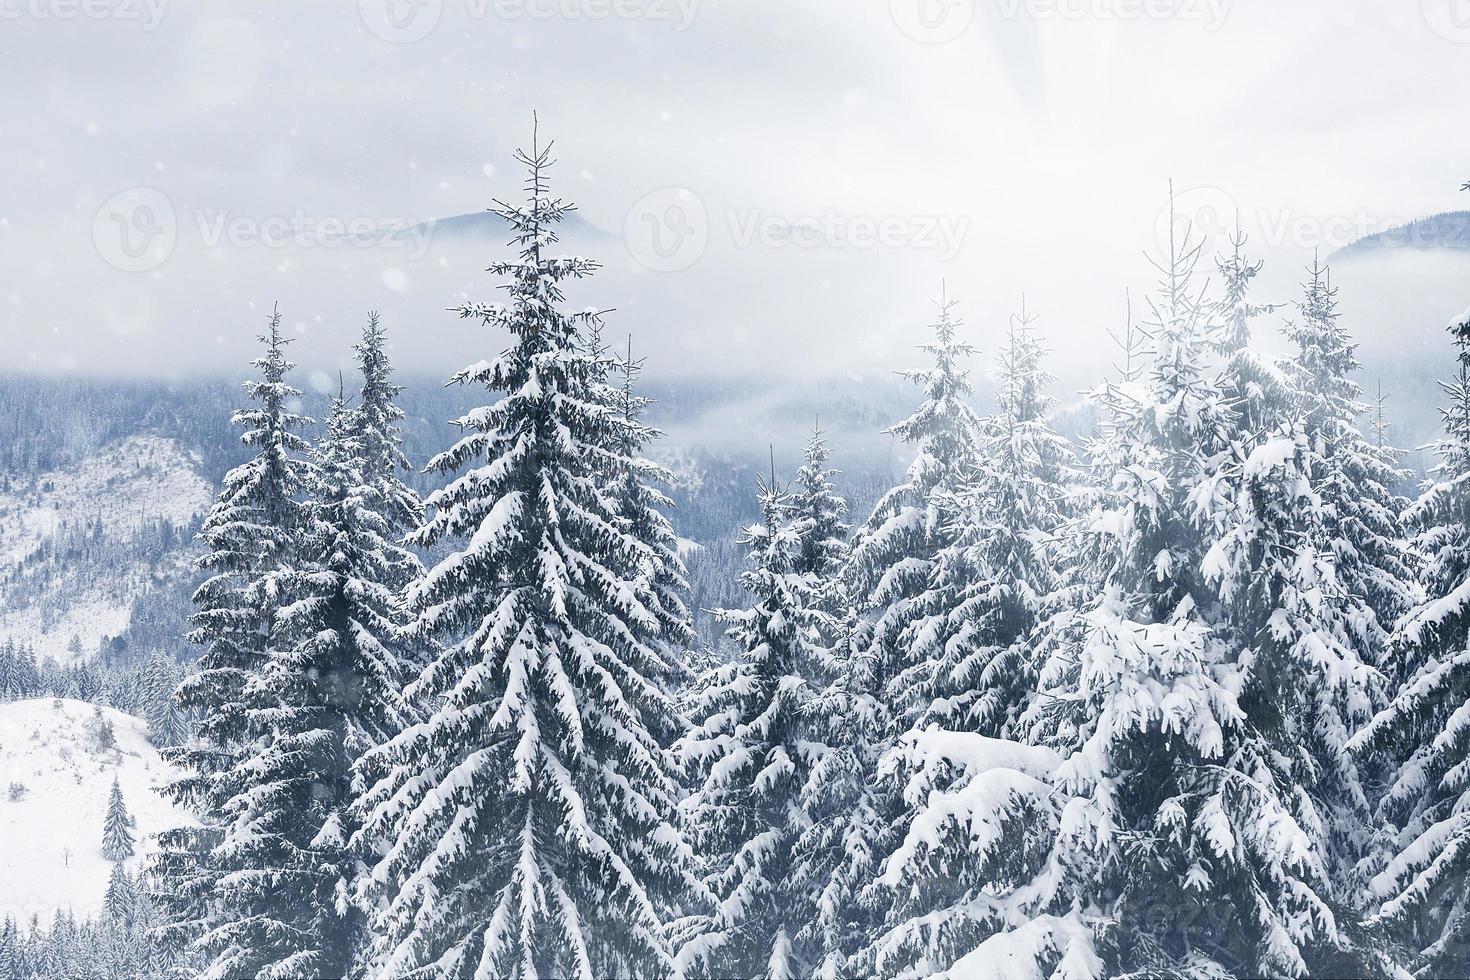 Arboles cubiertos con escarcha y nieve en las montañas foto